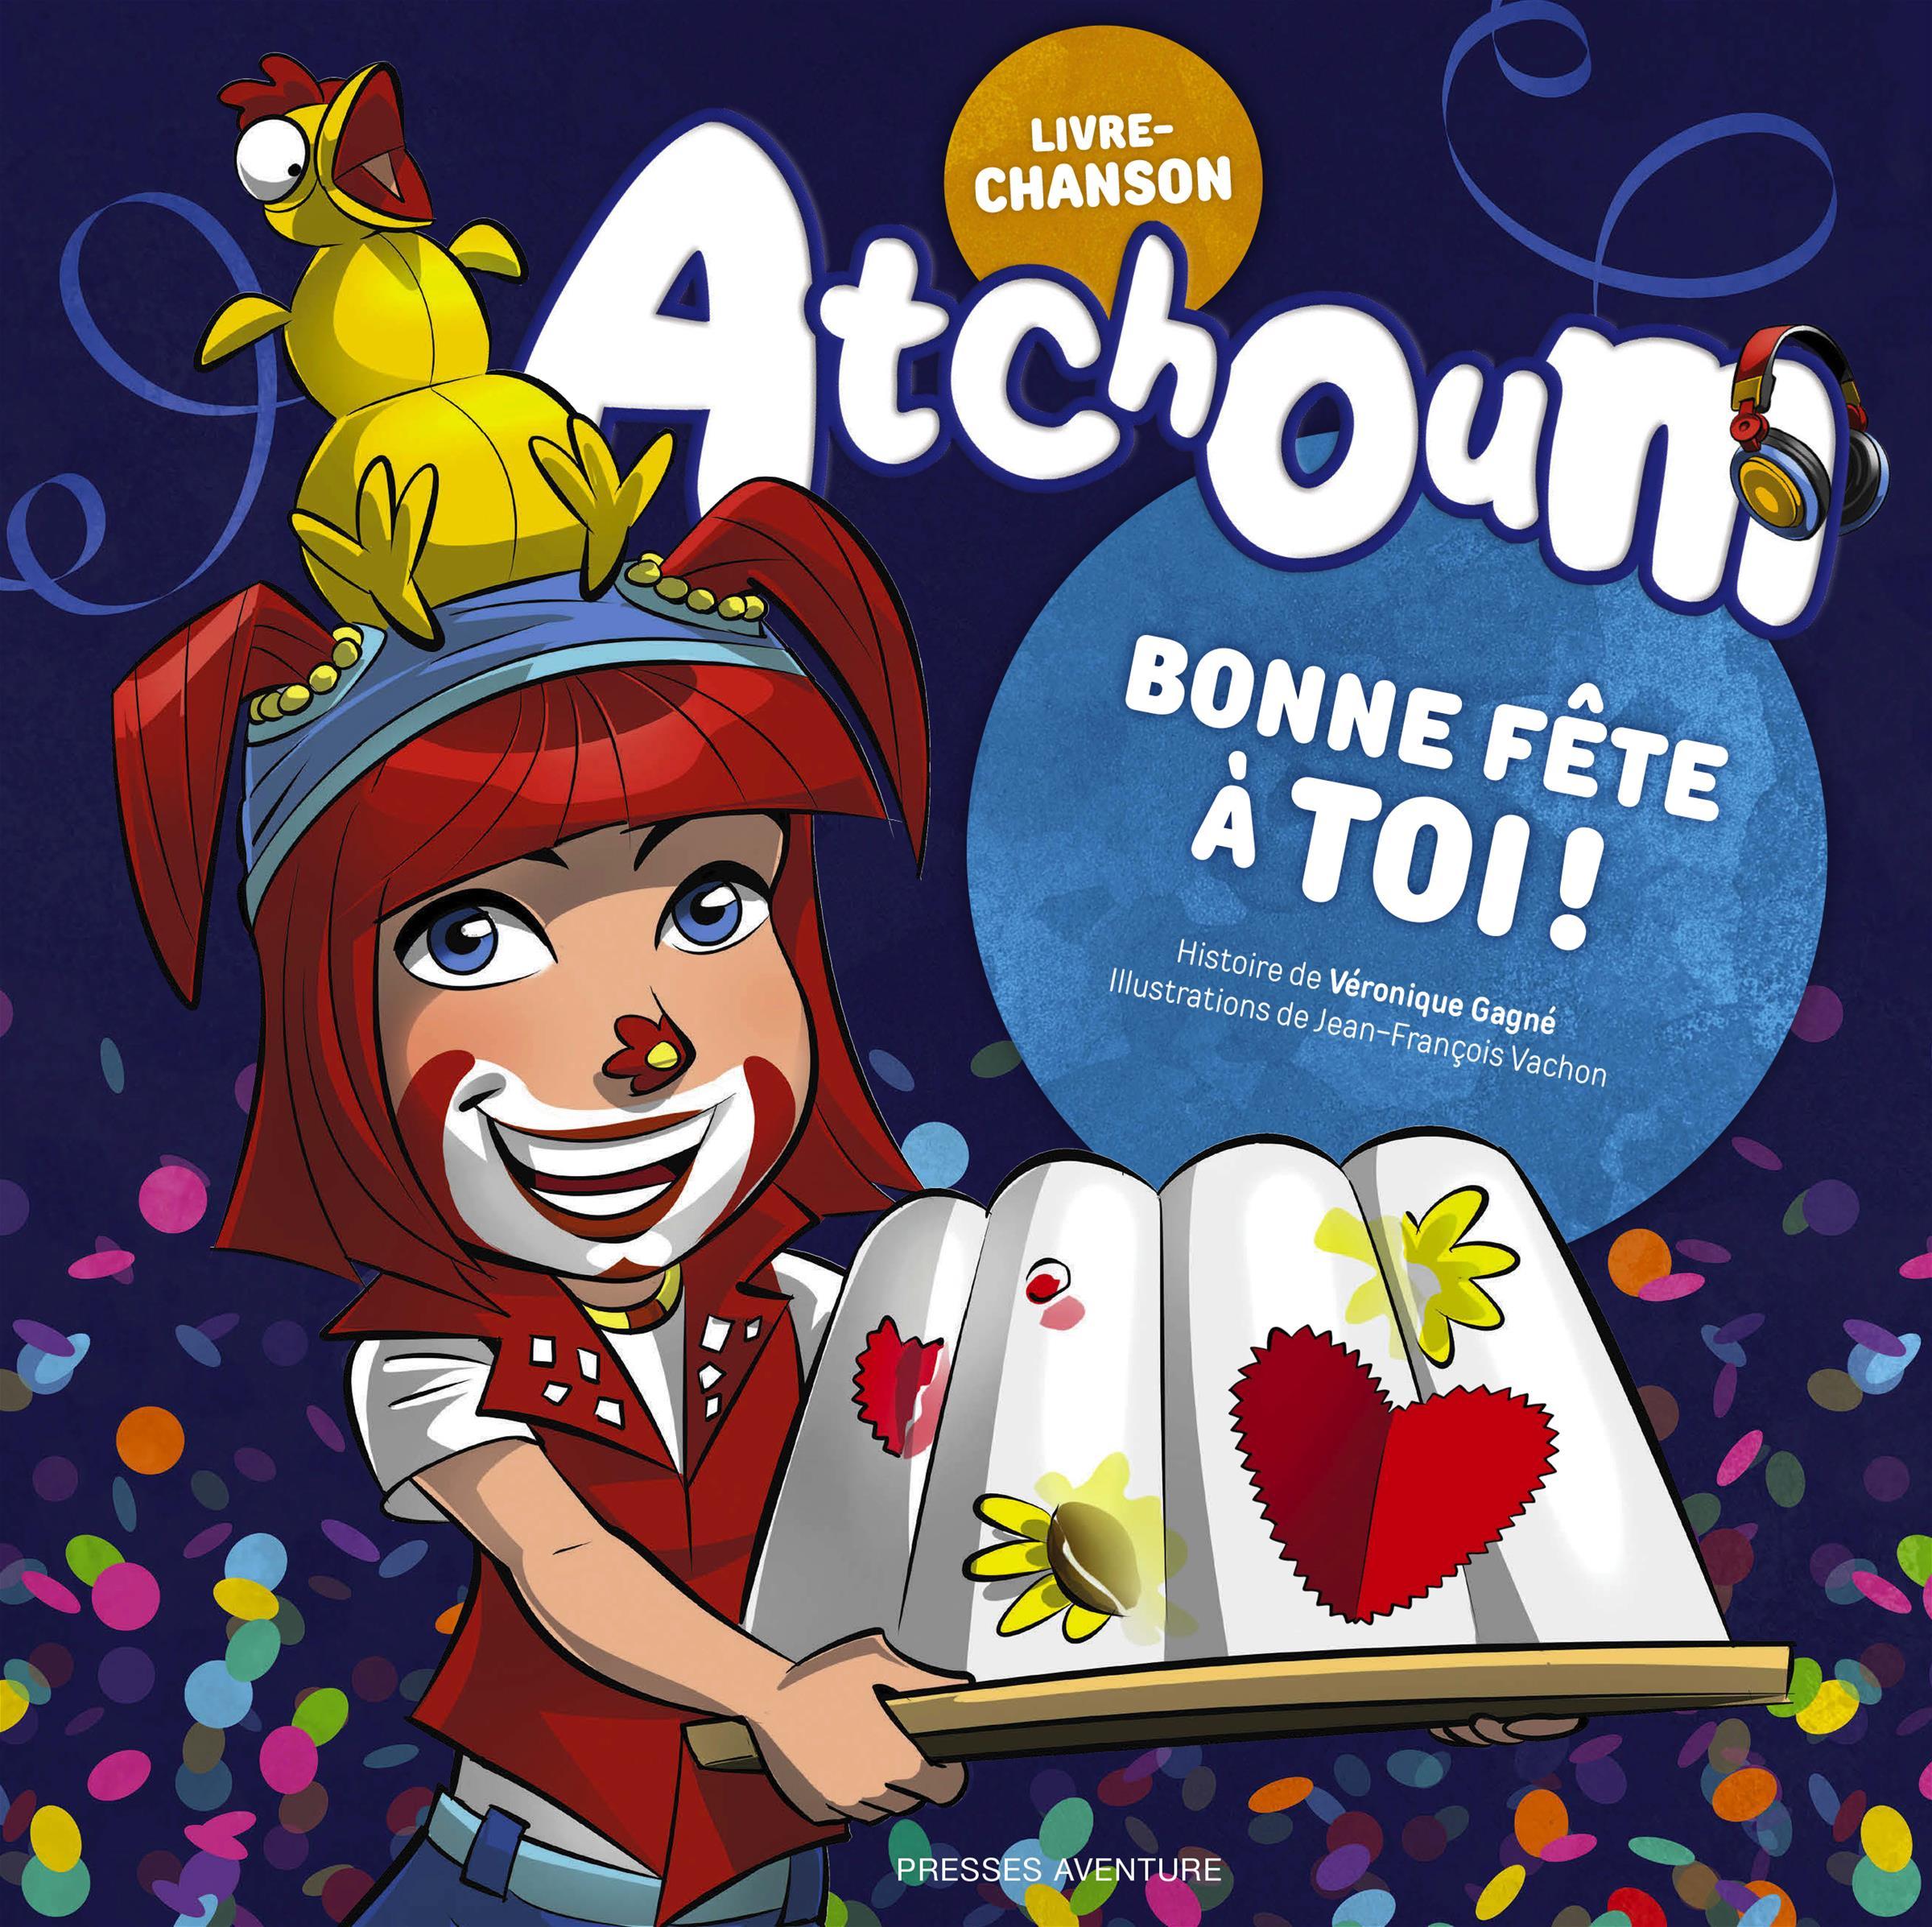 Atchoum - Bonne fête à toi!